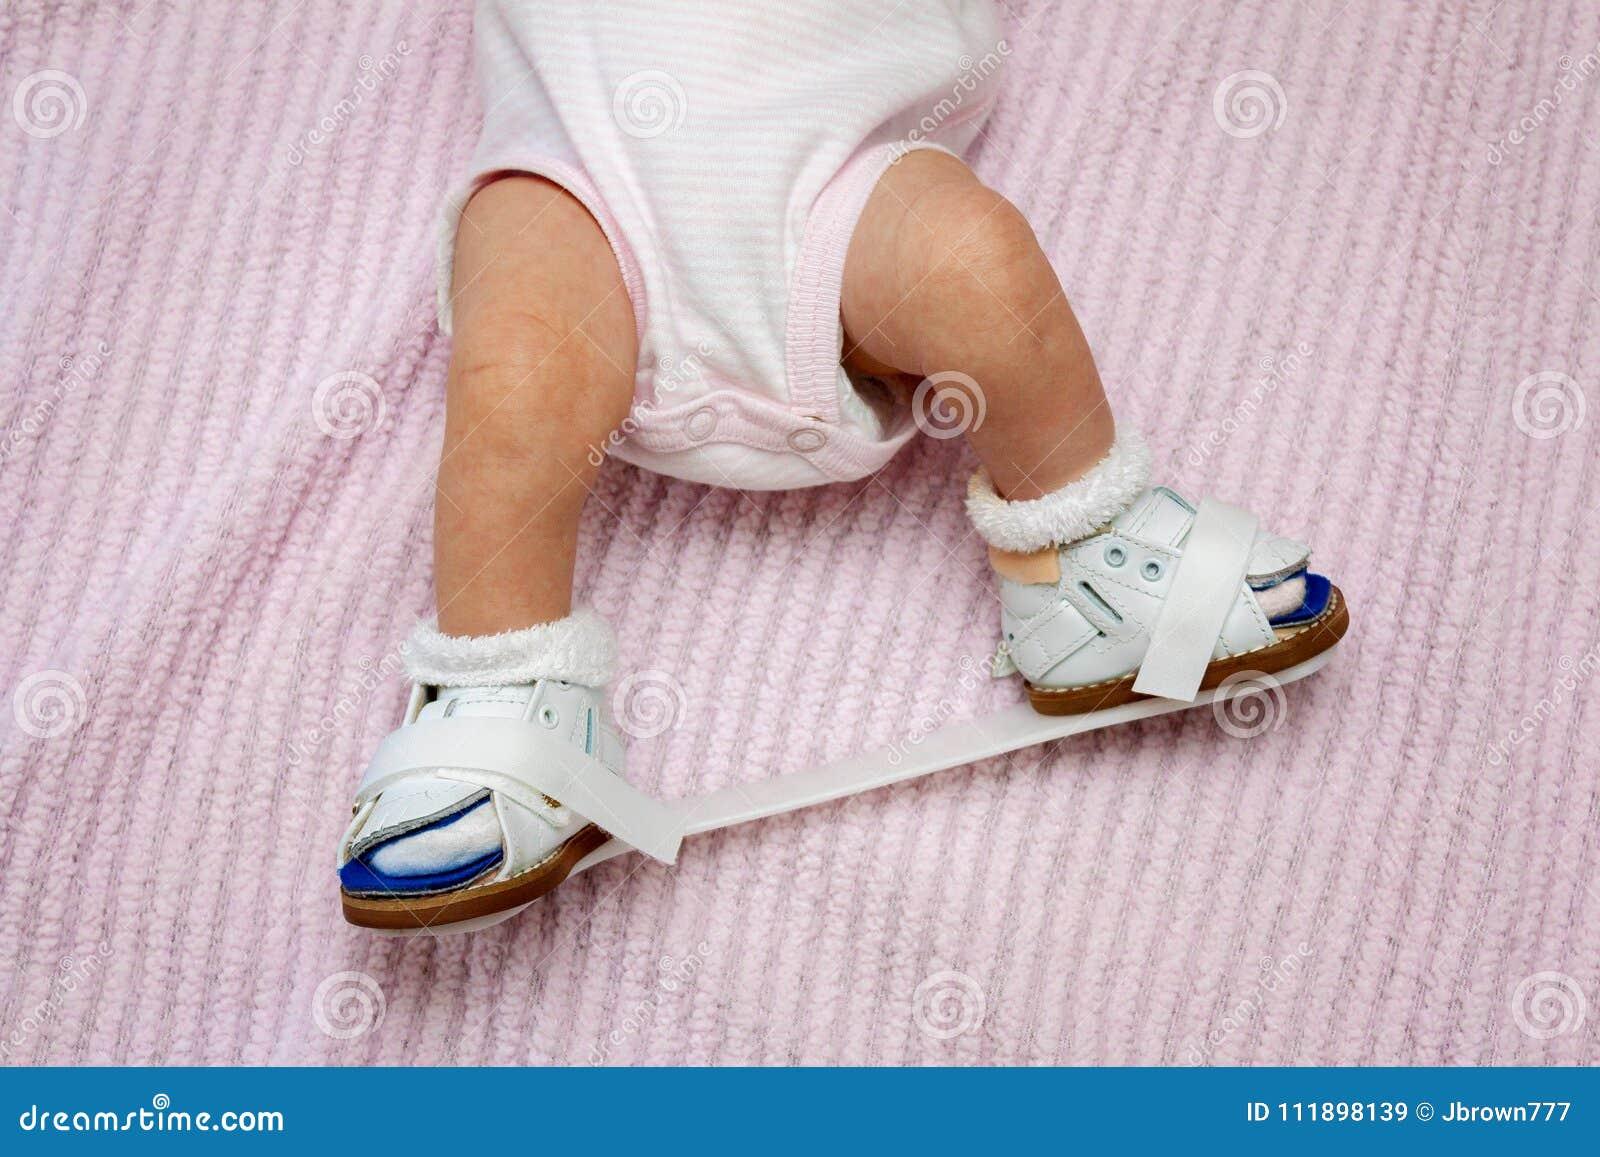 meilleur service 5337f da7cc Chaussures Orthopédiques Nouveau-nées Image stock - Image du ...